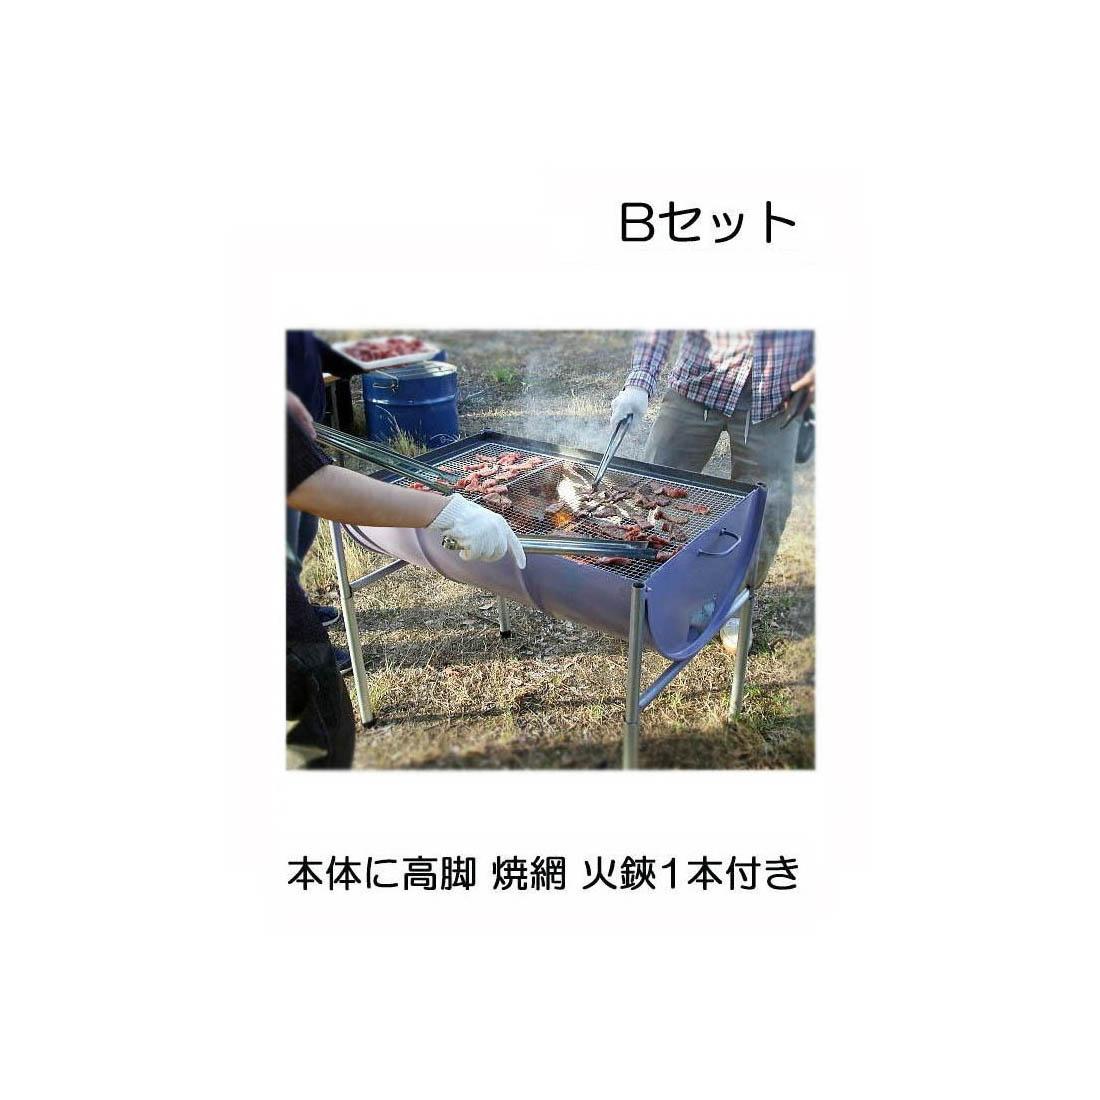 日本製 ドラム缶バーベキューコンロ Bセット (焼き網付、火バサミ45cm付、高脚4本付) [大型 特大 大人数 アウトドアー お花見 屋外 パーティー BBQ 瀧商店]